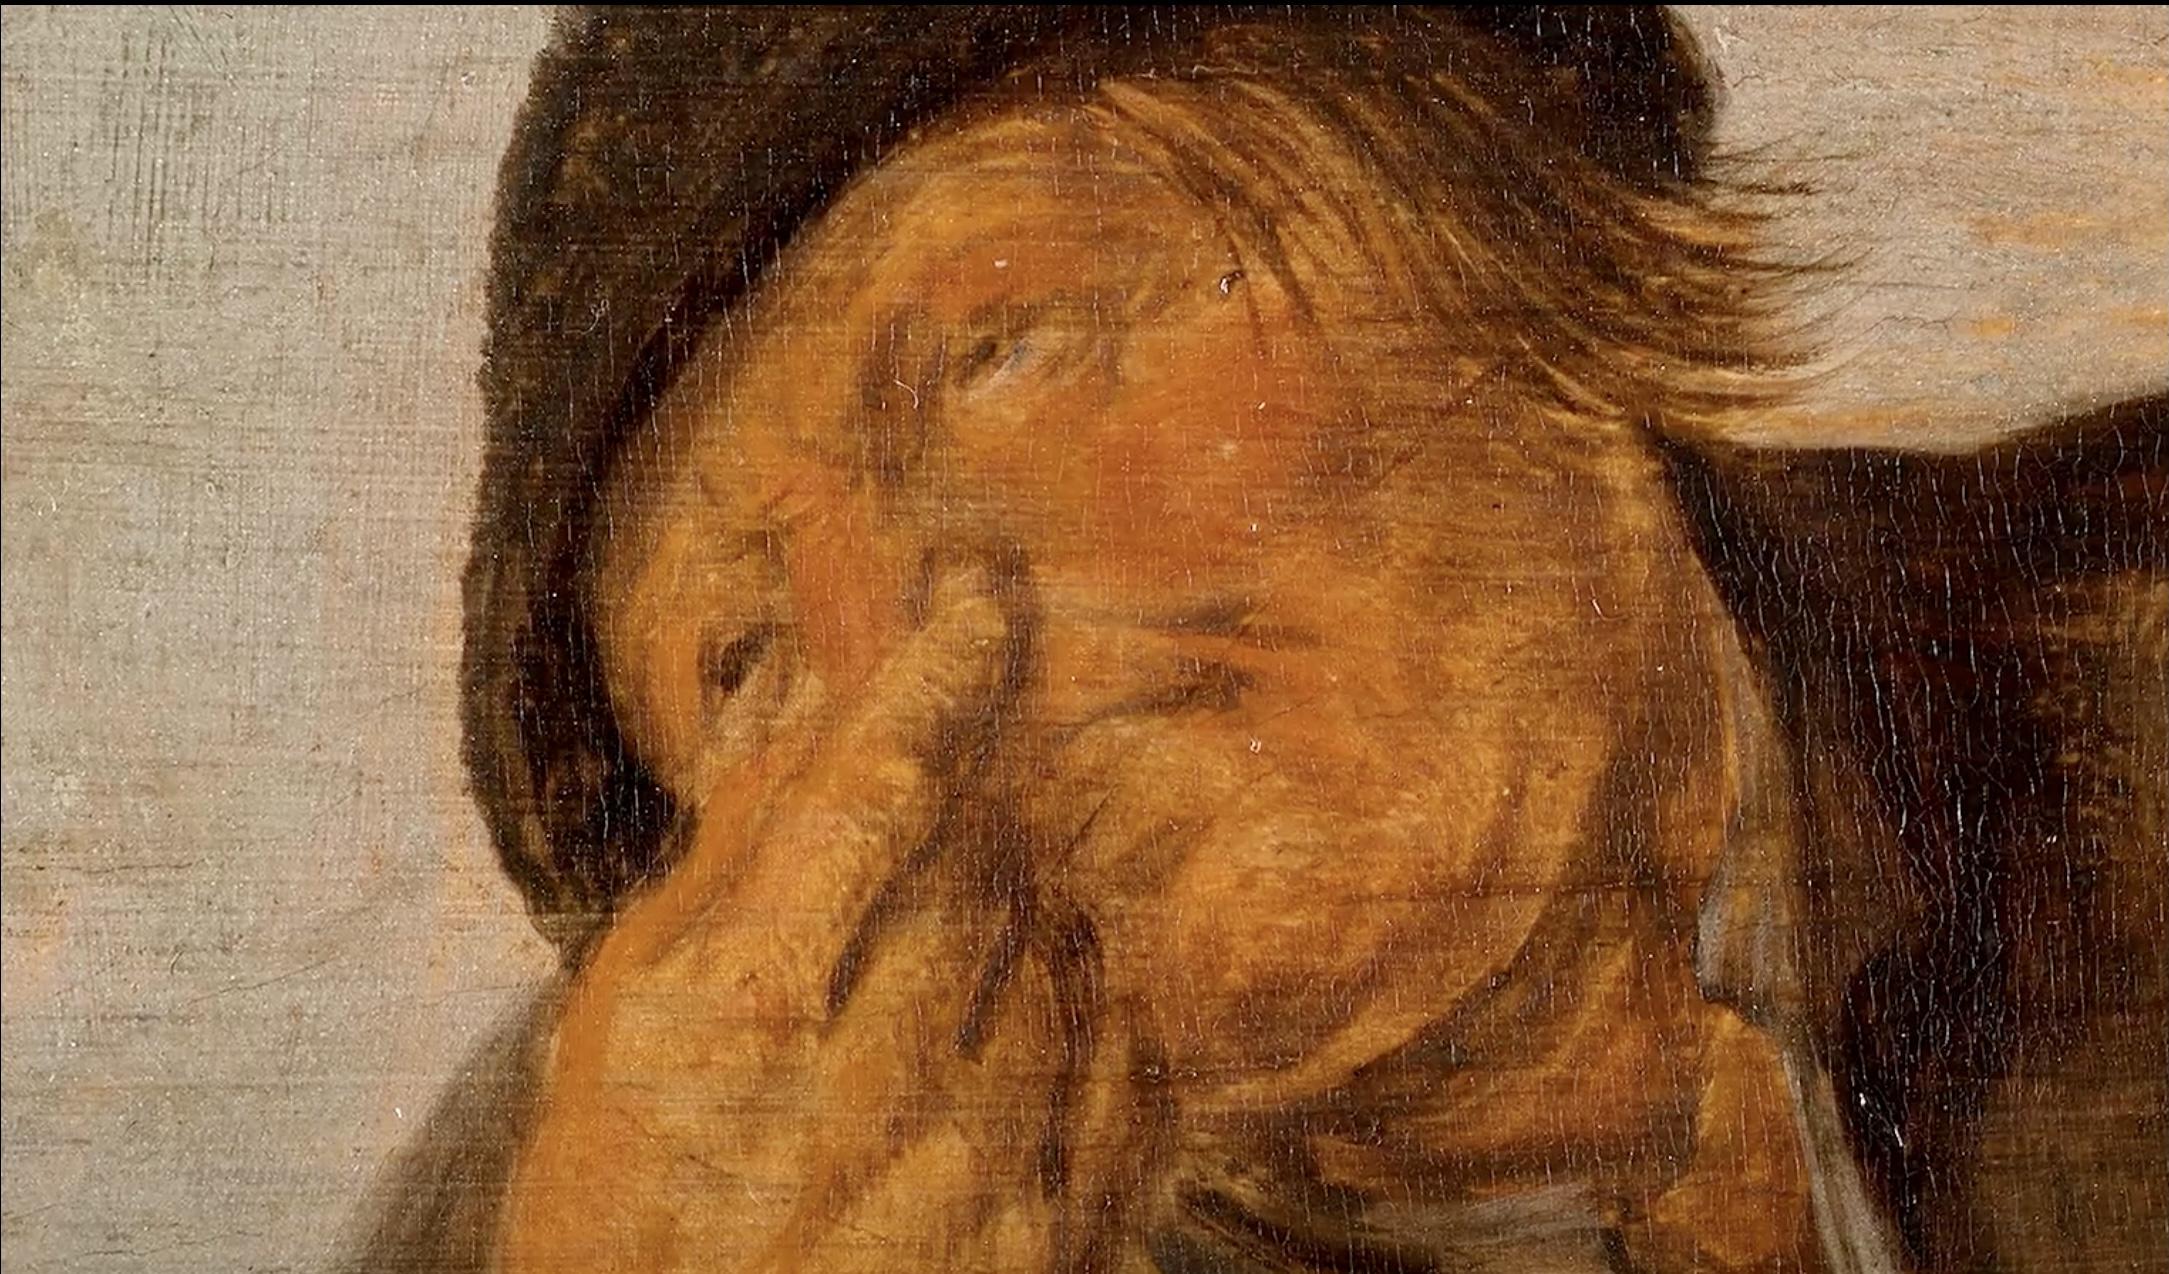 Se plonger dans l'univers sensoriel du 17ème siècle : un expérience pas toujours plaisante aux narines!